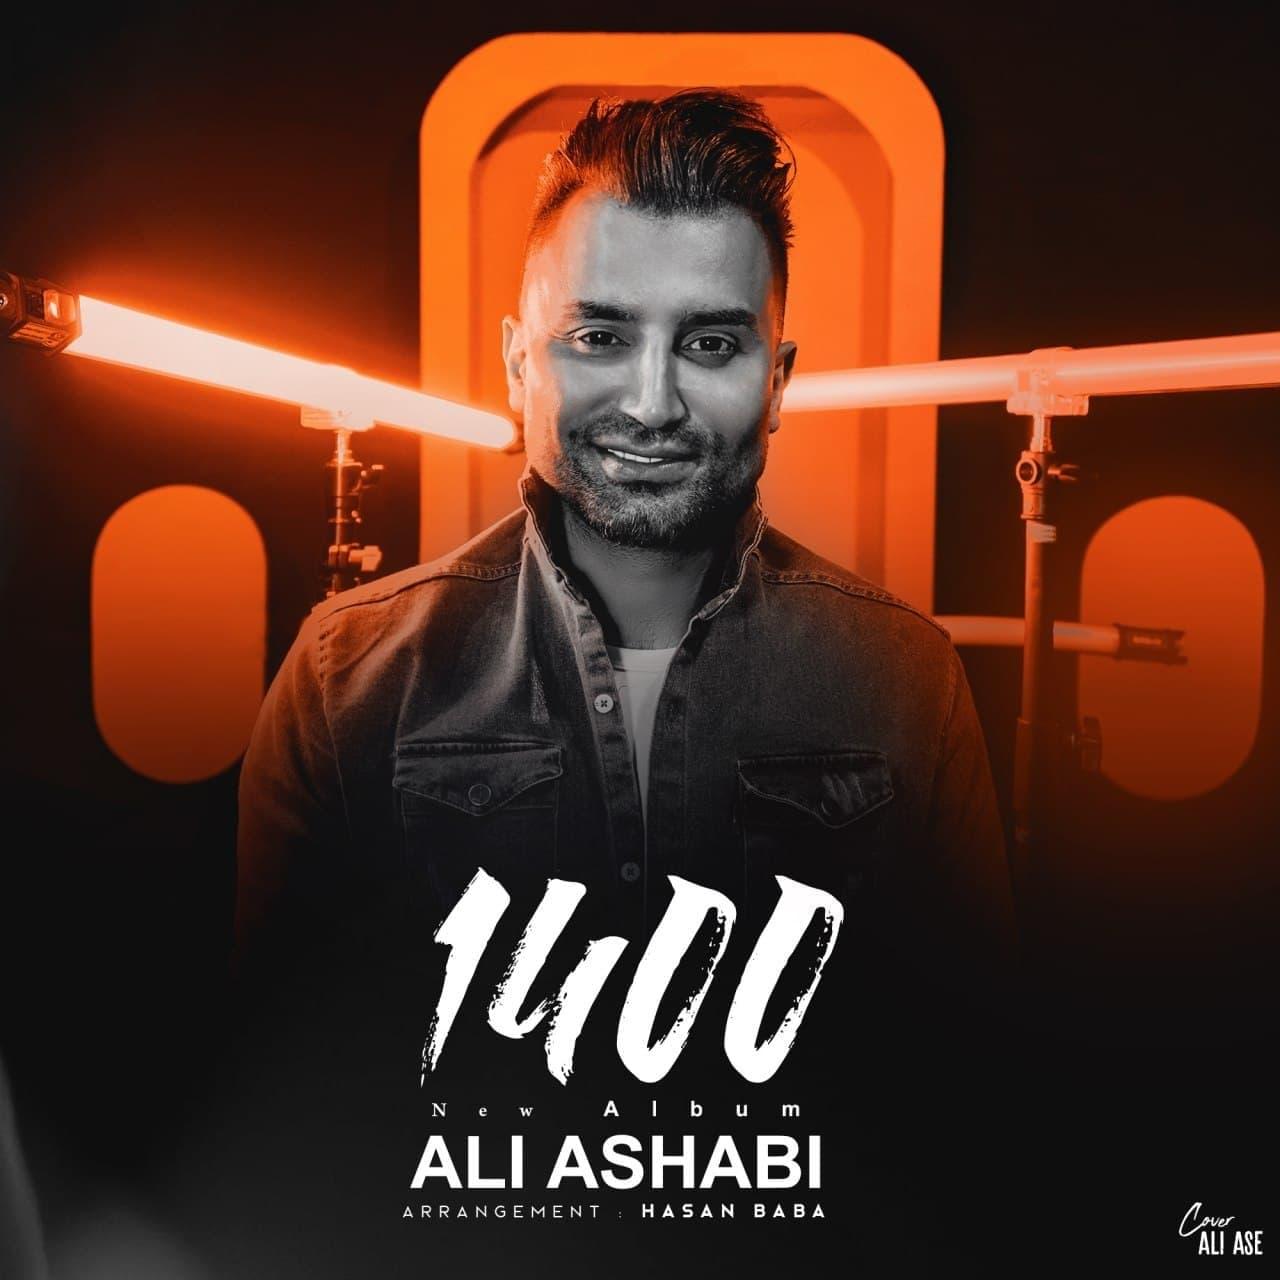 دانلود آلبوم جدید علی اصحابی 1400